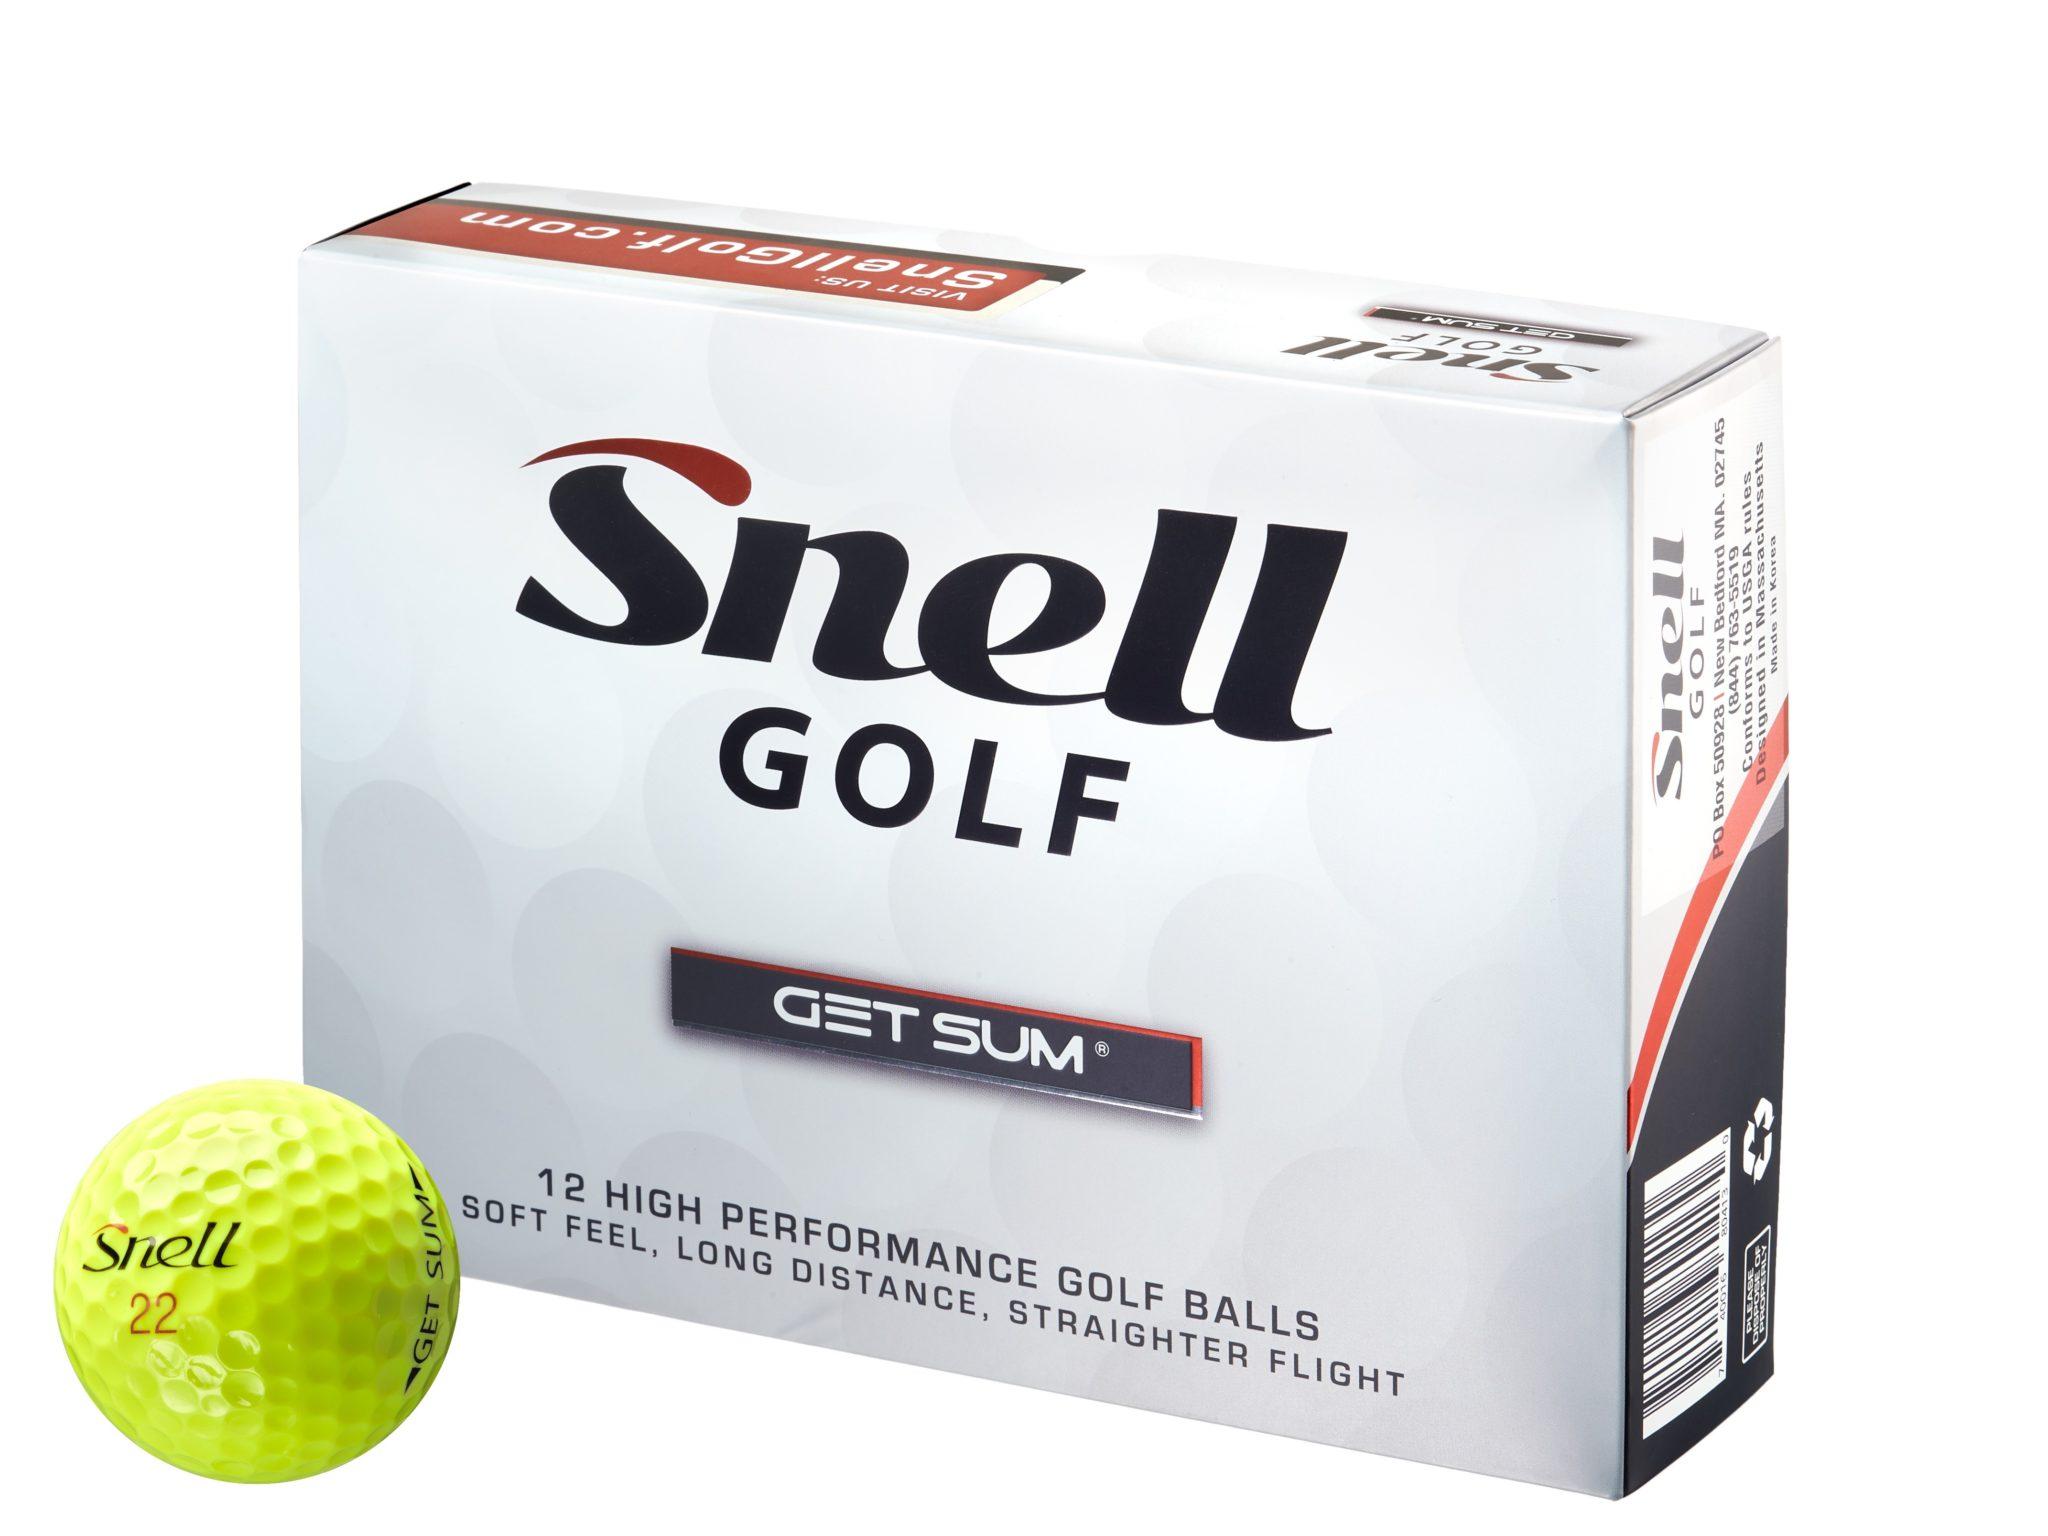 GET SUM 2 pece Golfball in gelb von Snell Golf